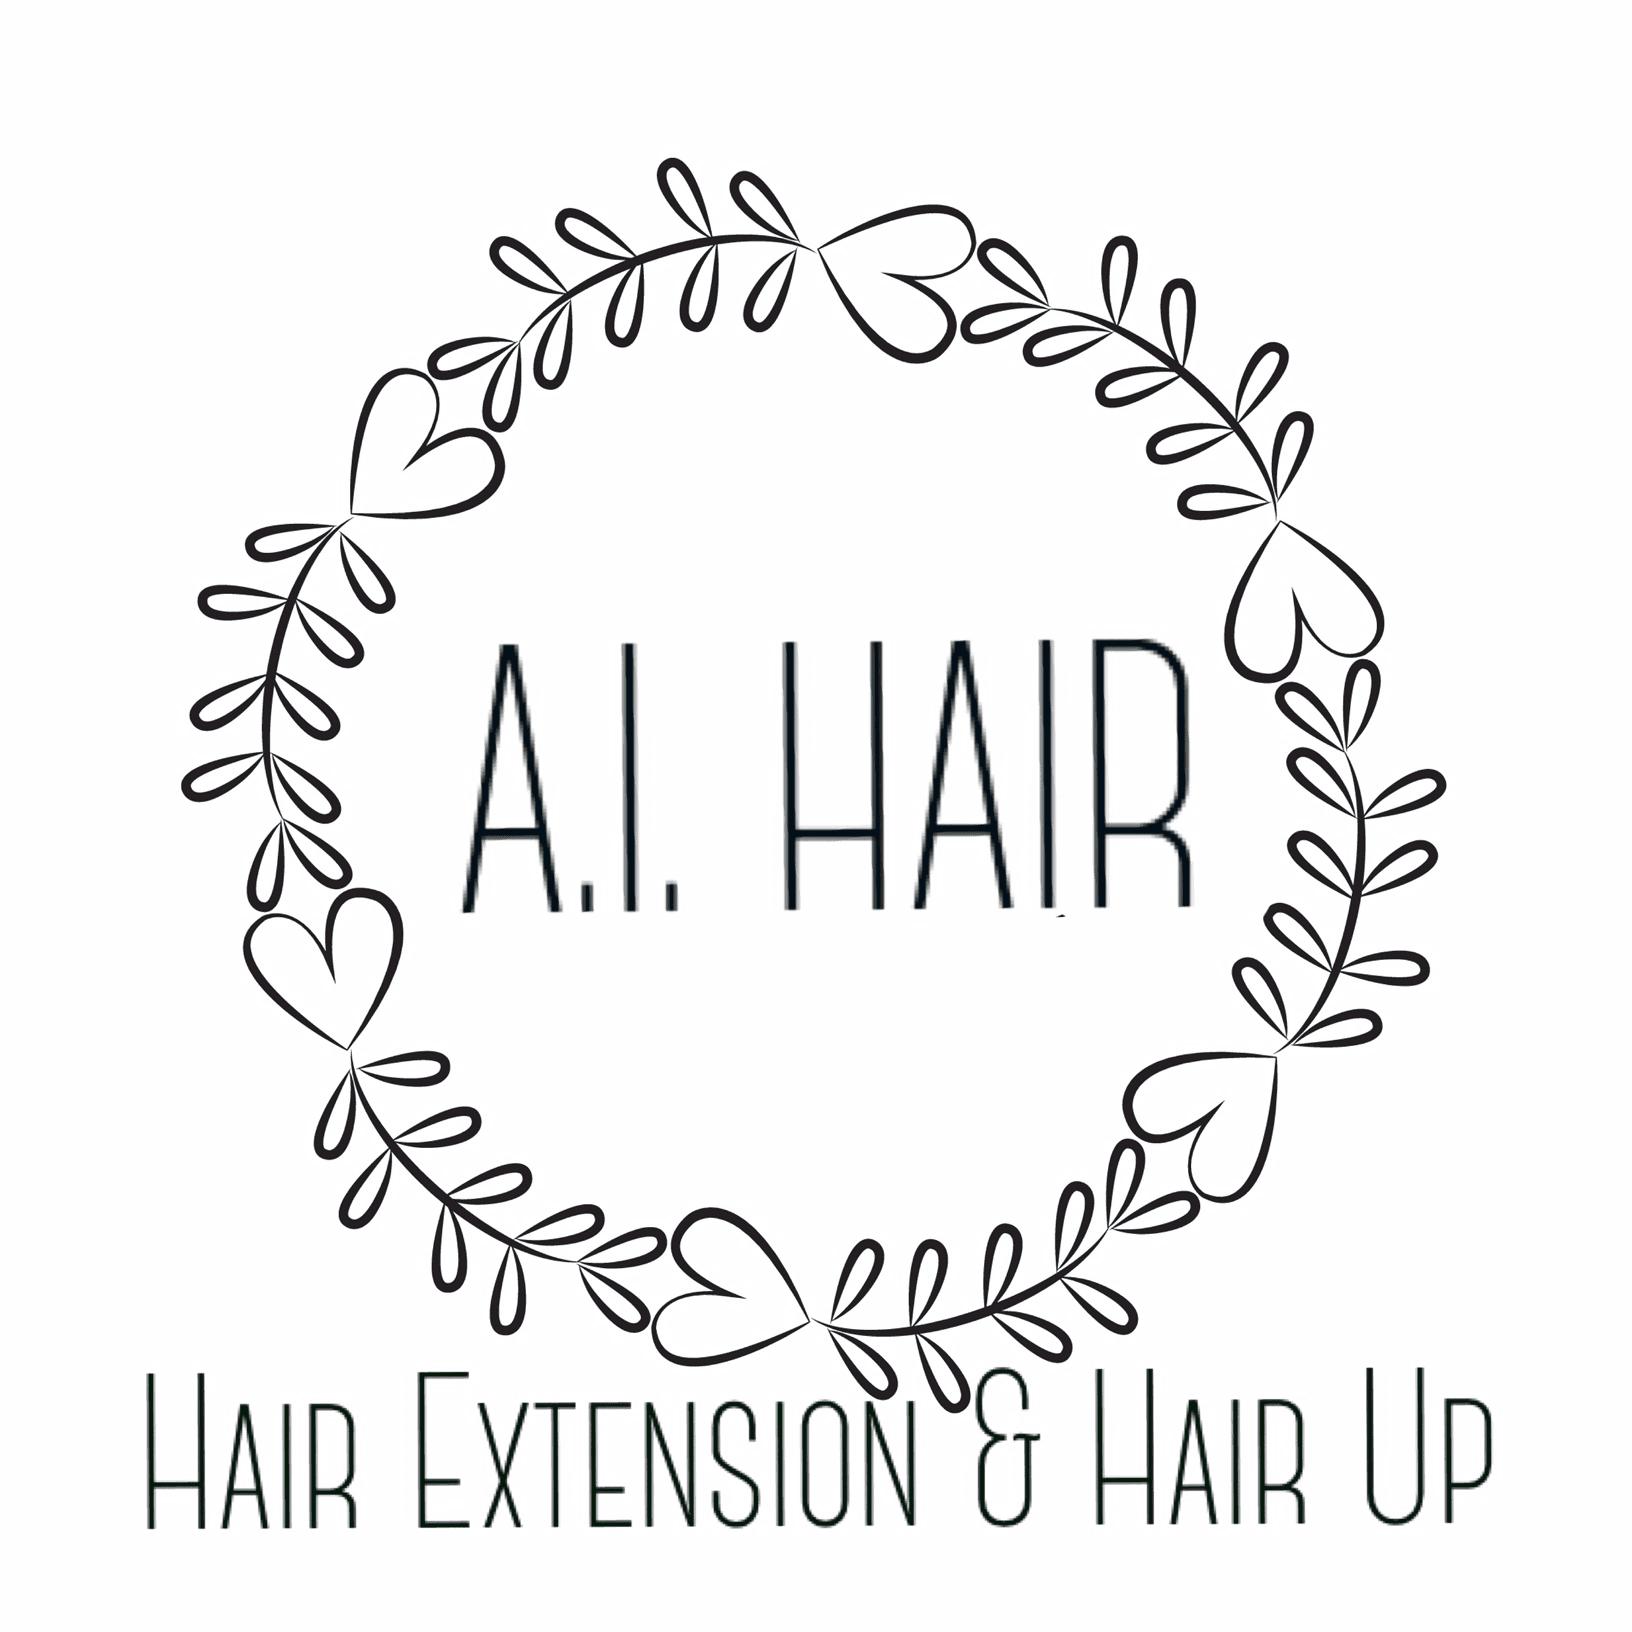 A.I. Hair Extensions company logo